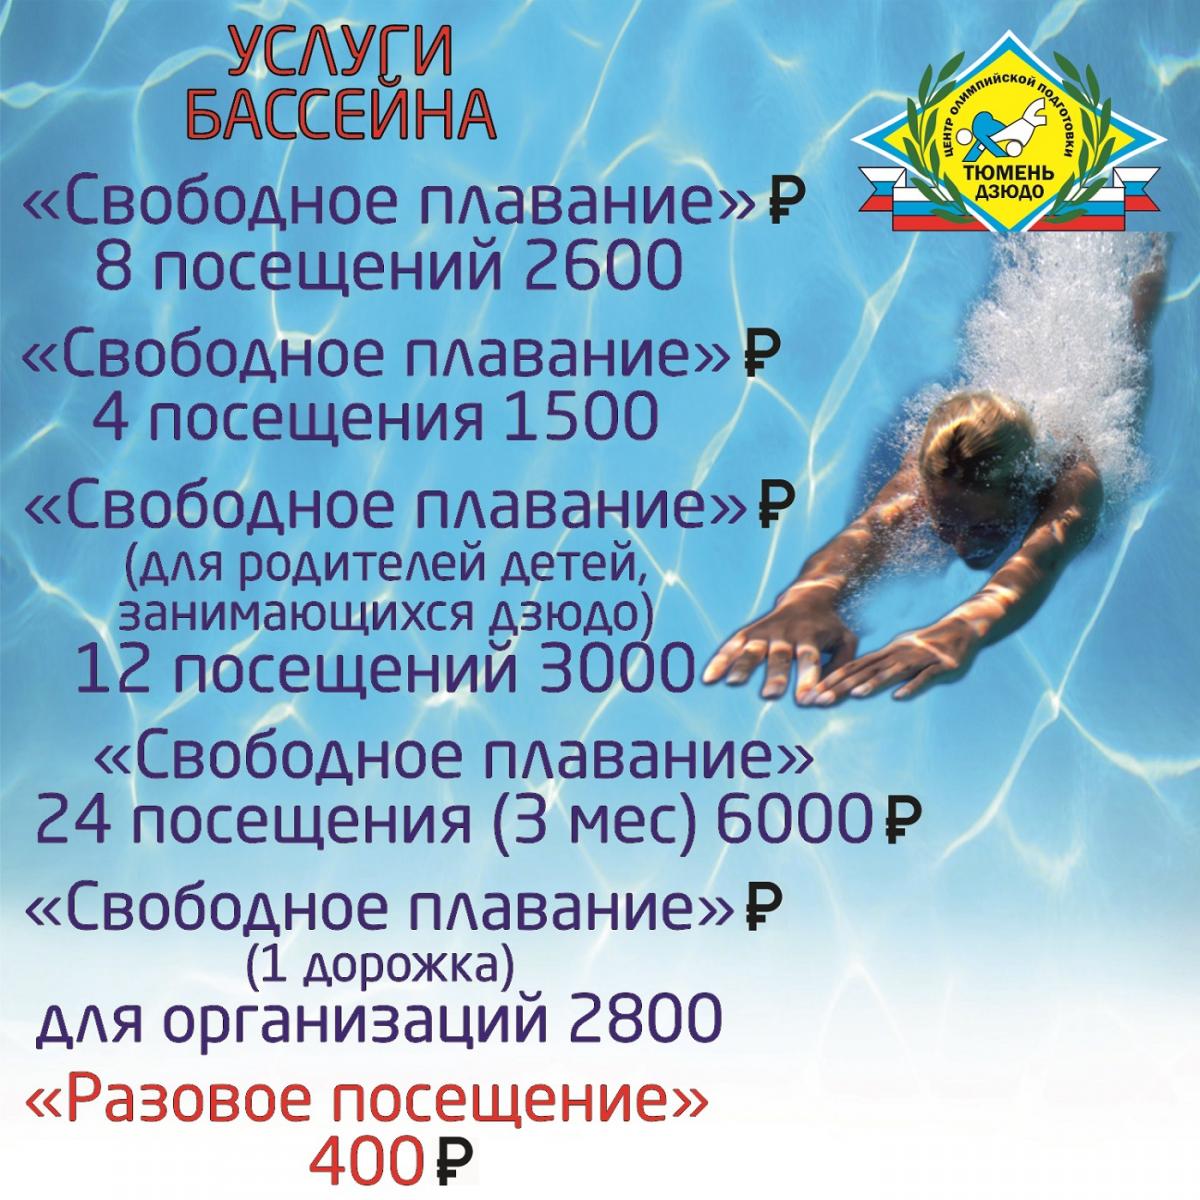 Справка в бассейн купить в Электрогорске для ребенка